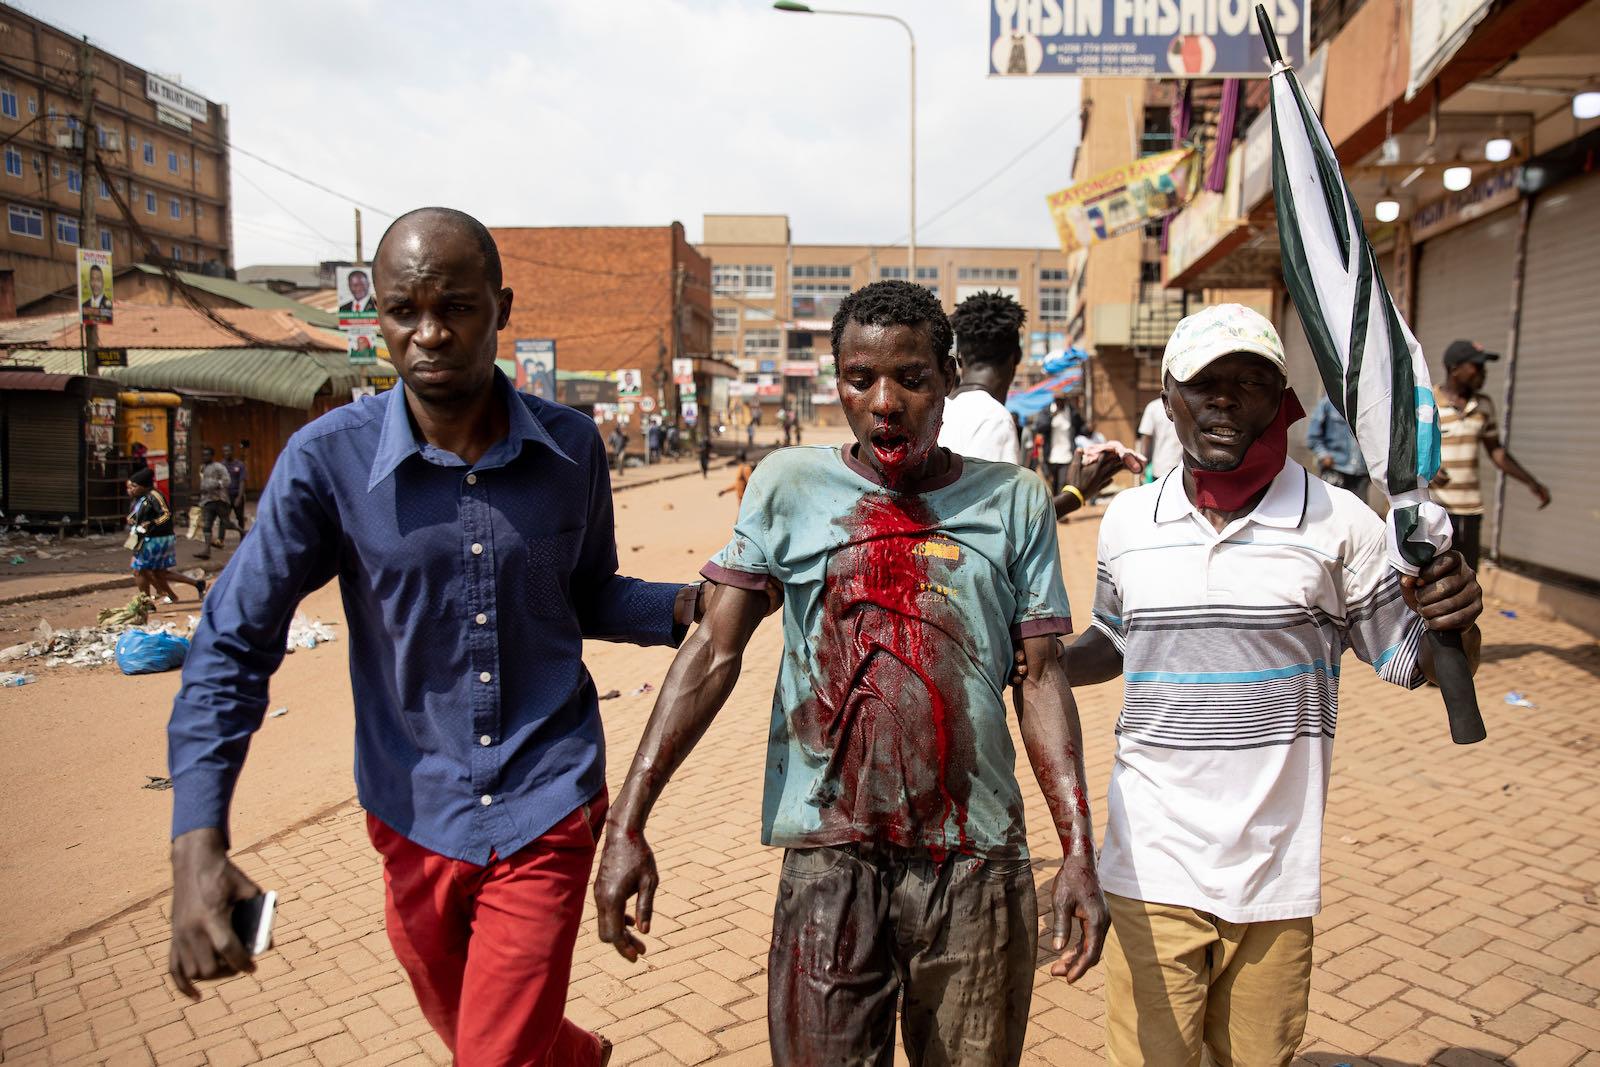 An injured protester in Uganda